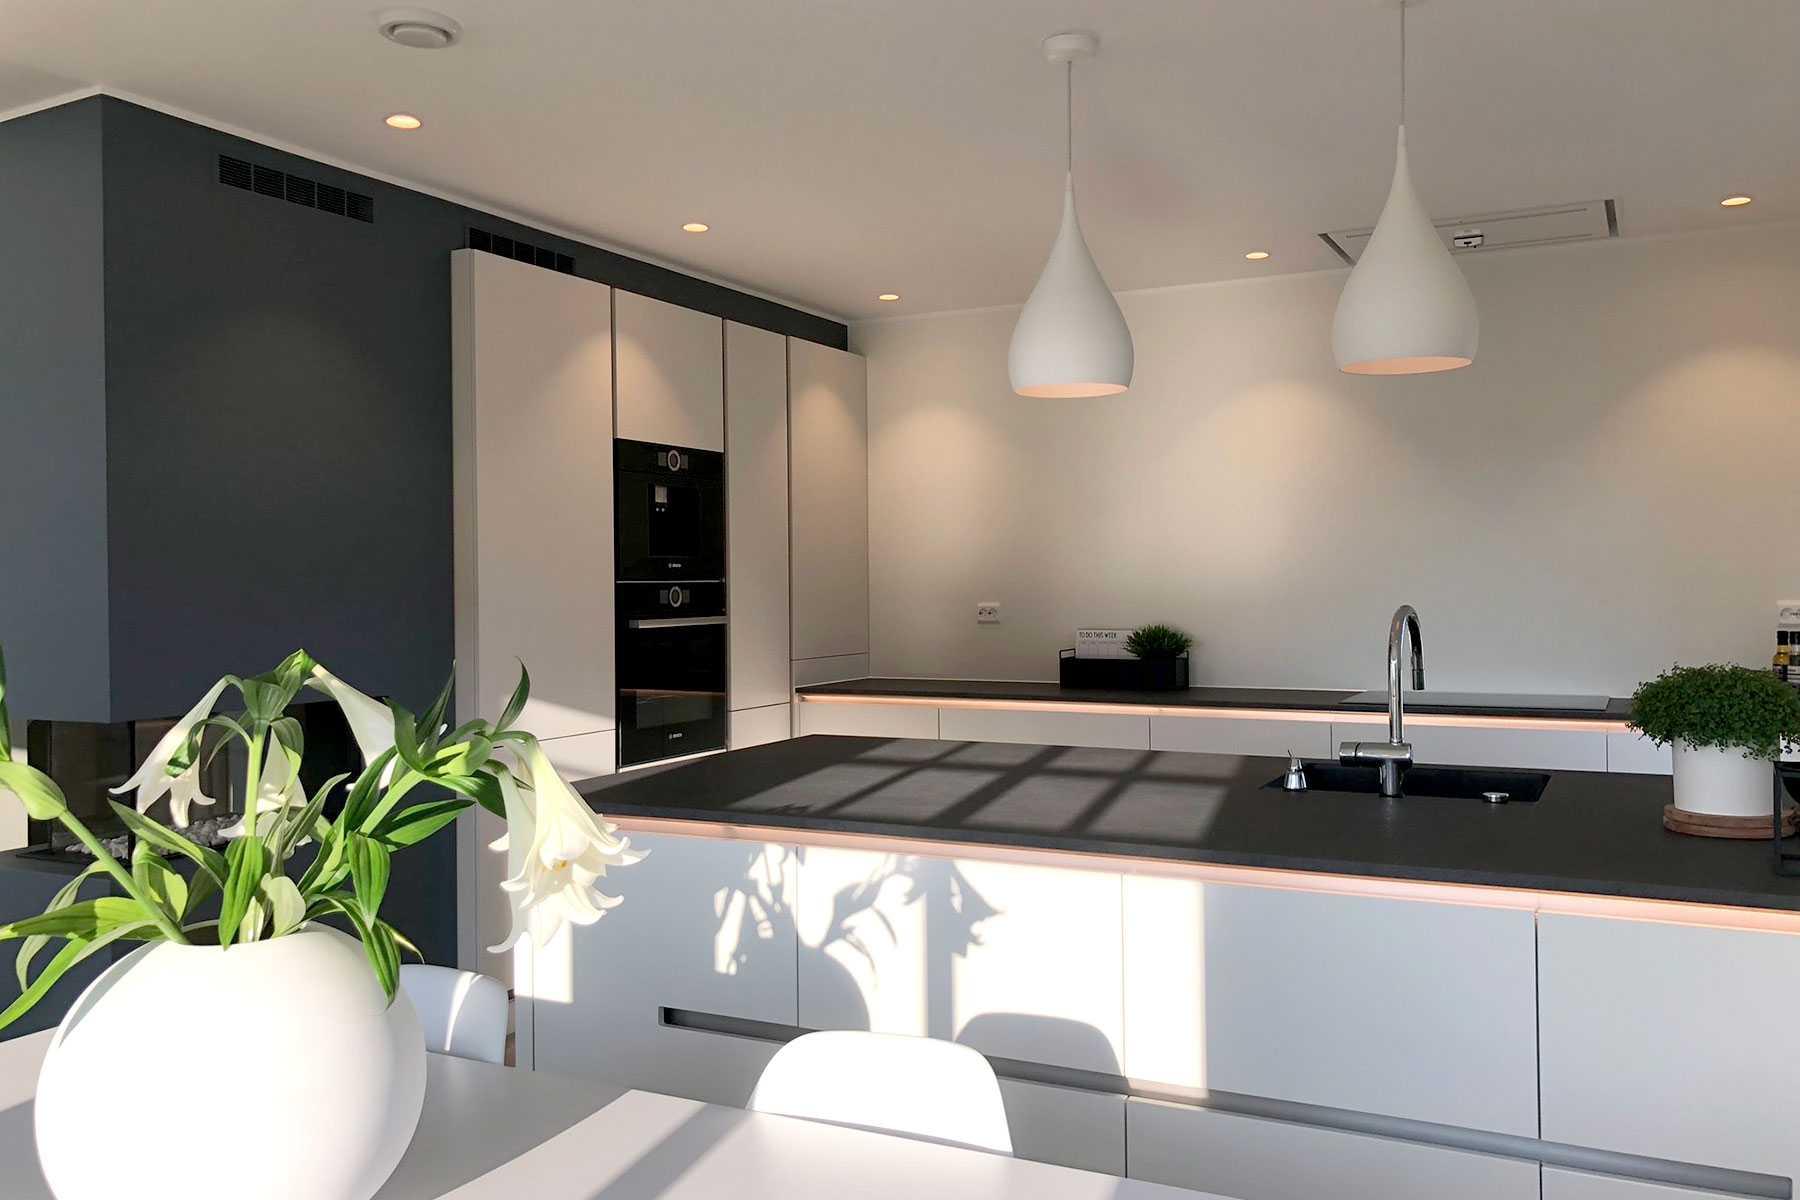 Bygge hus med ABChus? Her kan du lese erfaringer fra kundene våre - Et flott kjøkken i et av ABChus sine ferdighus